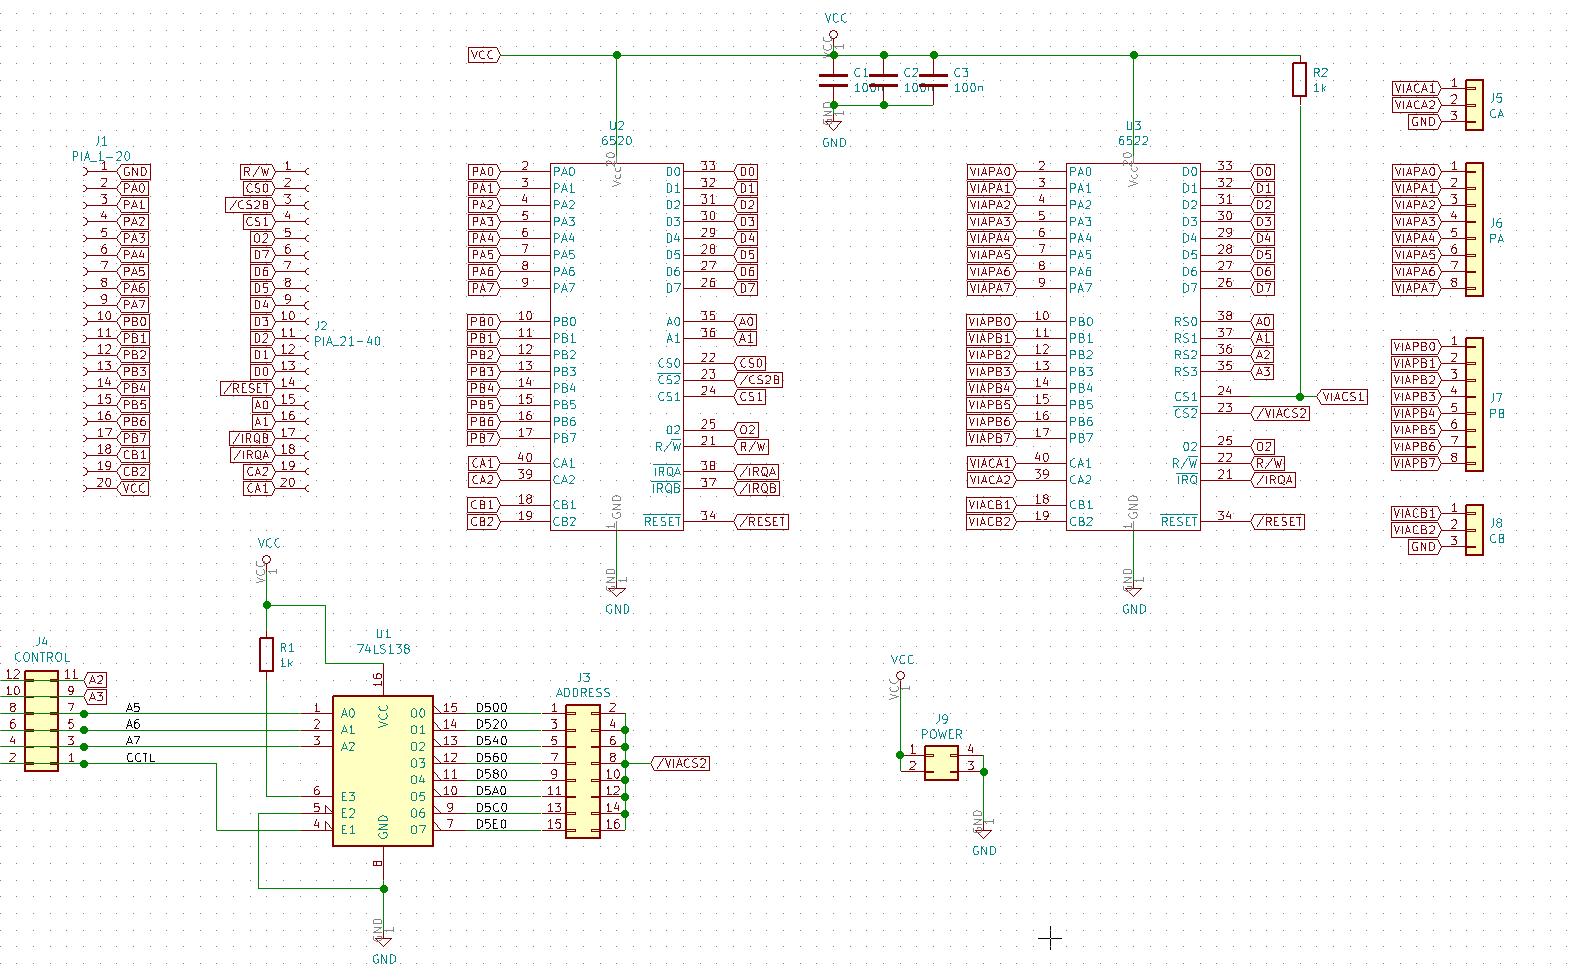 VIAtariXE 1.0 schemat